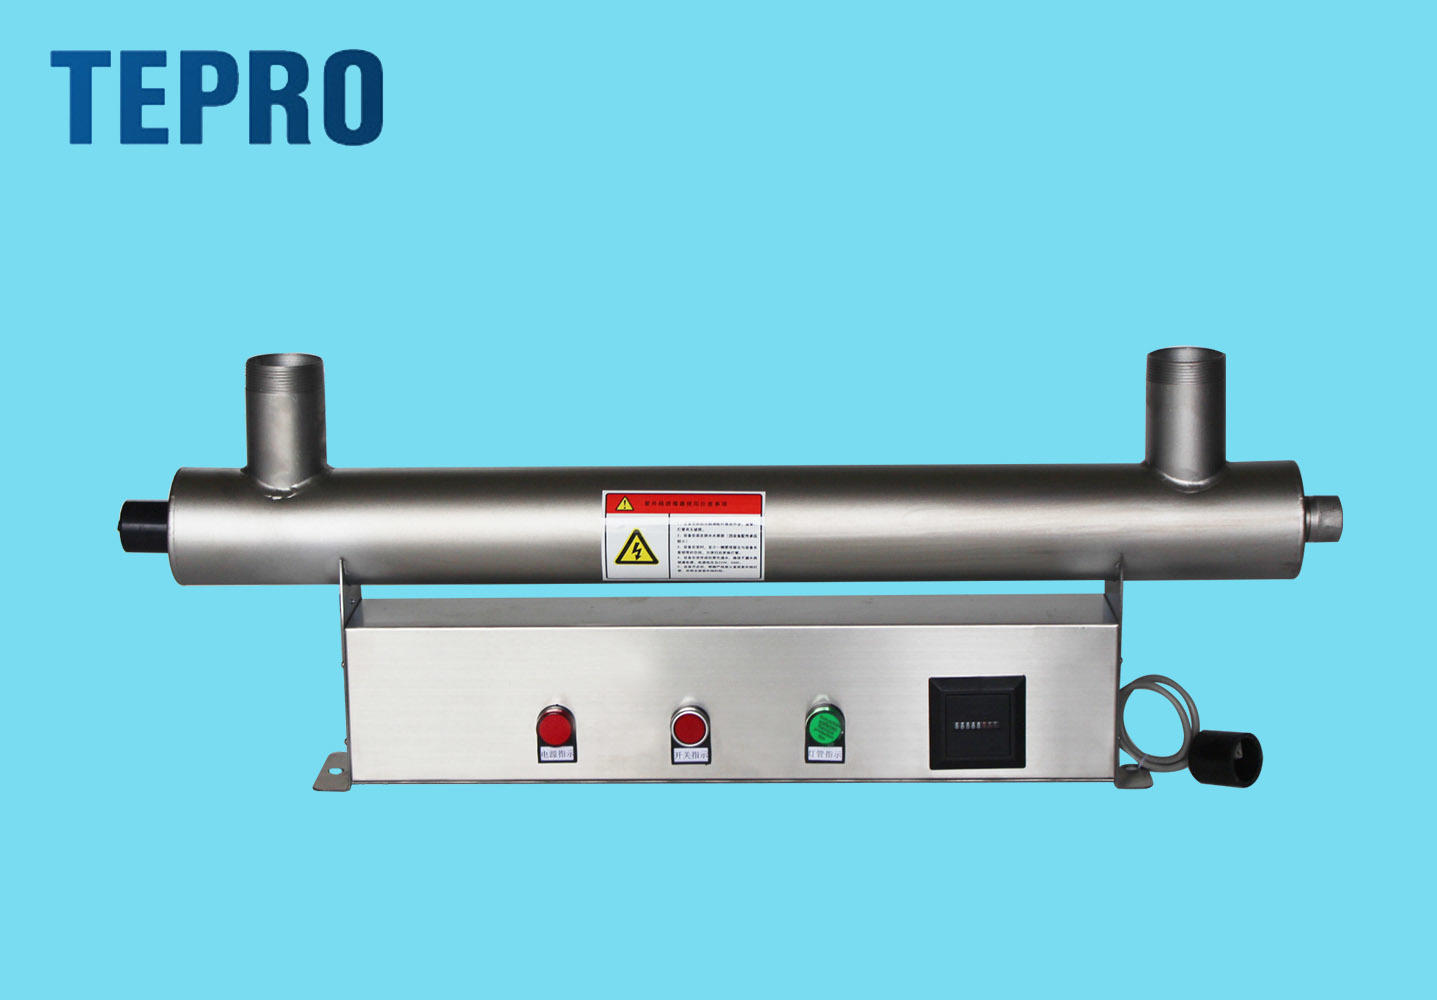 Tepro ultraviolet water purification system manufacturer for hospital